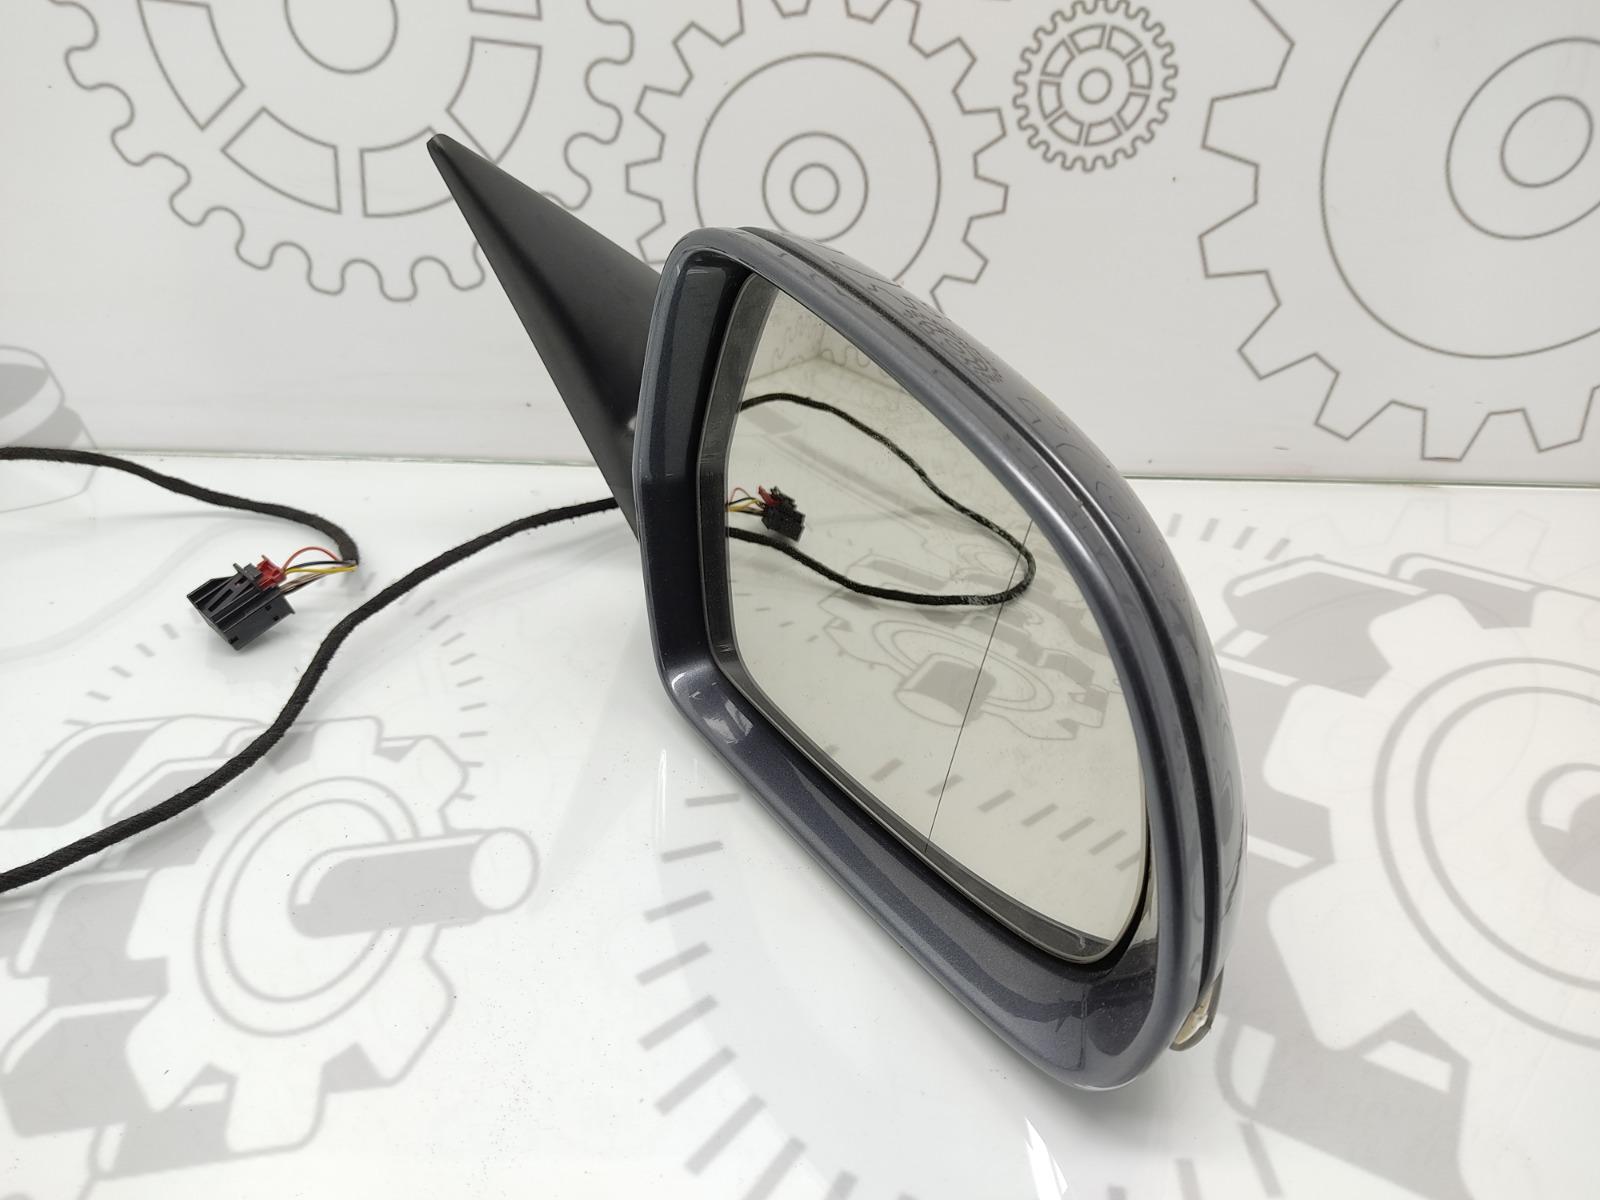 Зеркало наружное правое Skoda Octavia 1.6 TDI 2011 (б/у)